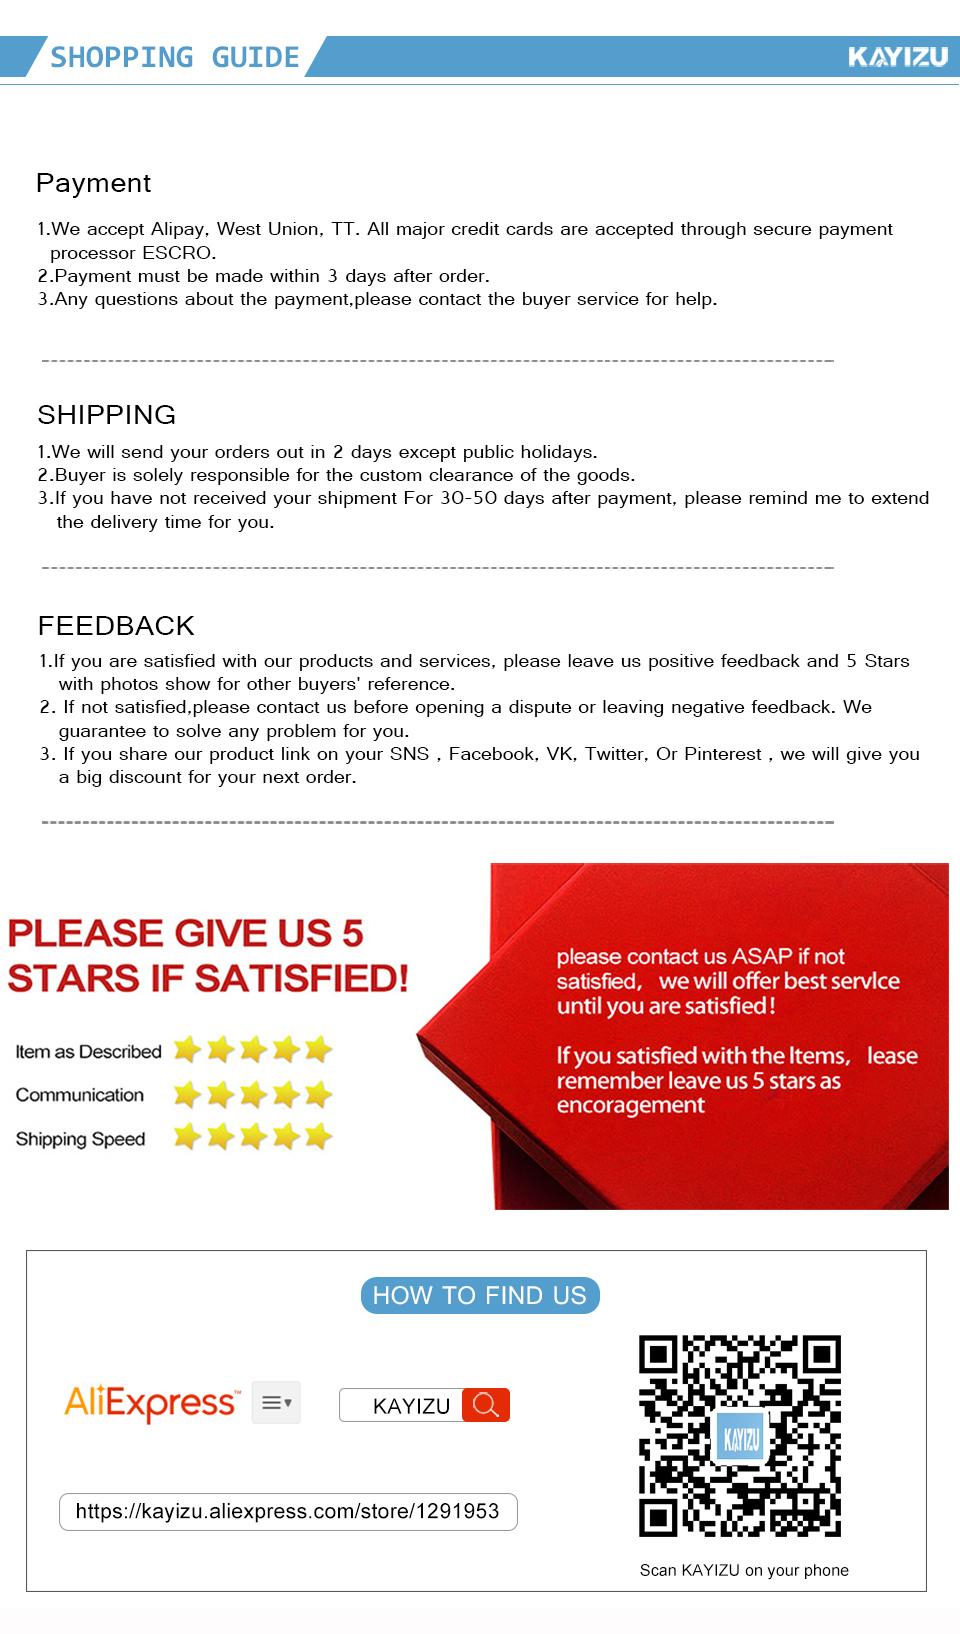 7-shopping guide